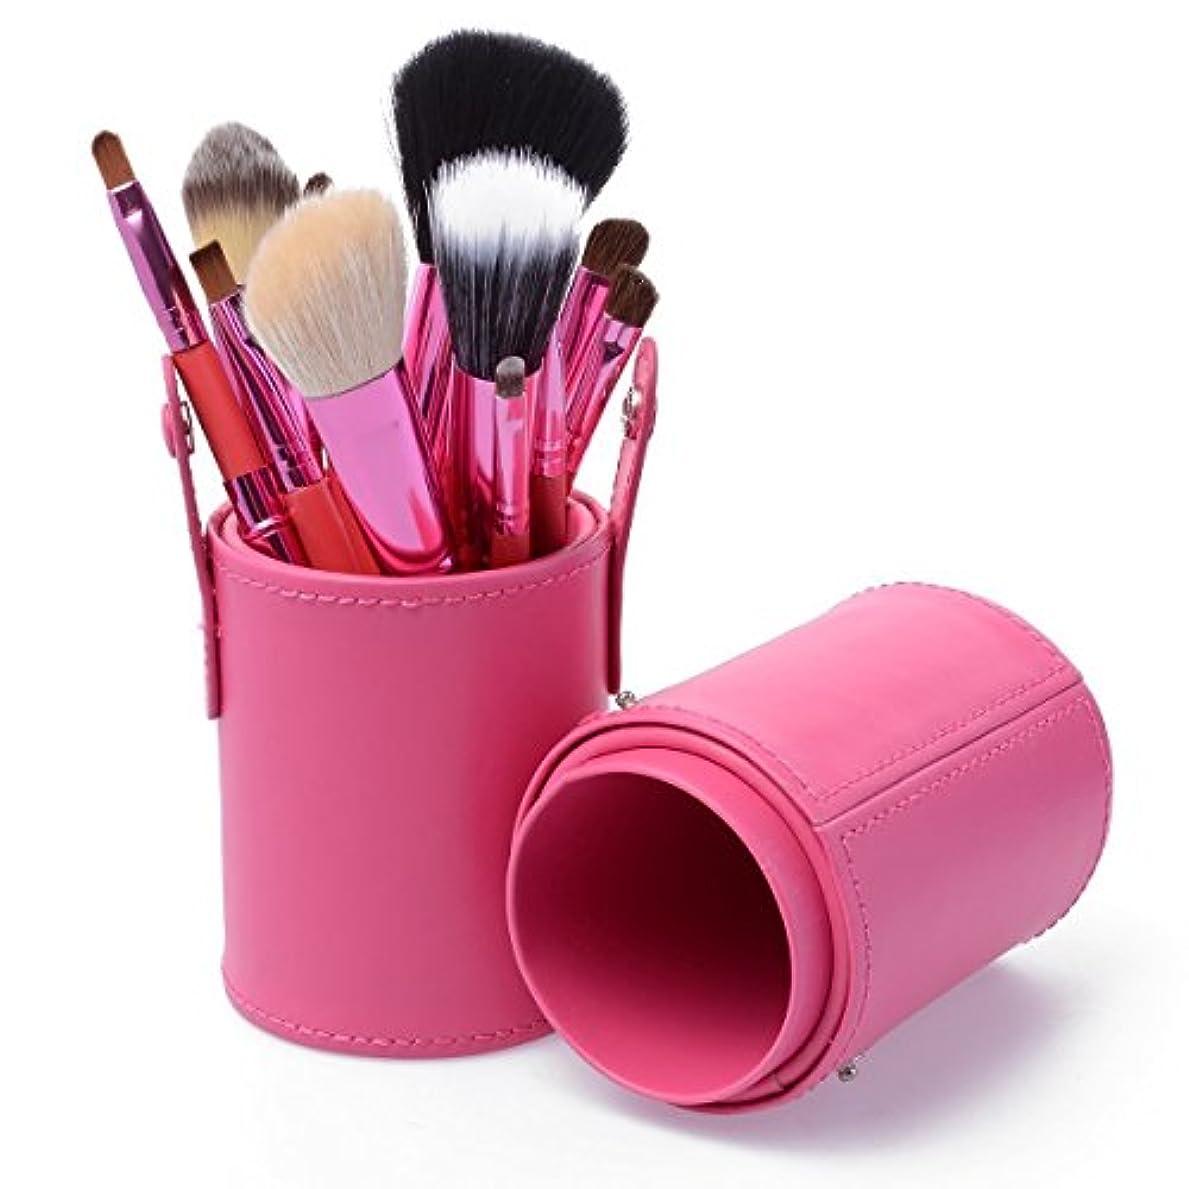 見る花束にやにやKanCai メイク ブラシ セット 12本 化粧ブラシ セット コスメ ブラシ 収納ケース付き (ピンク)